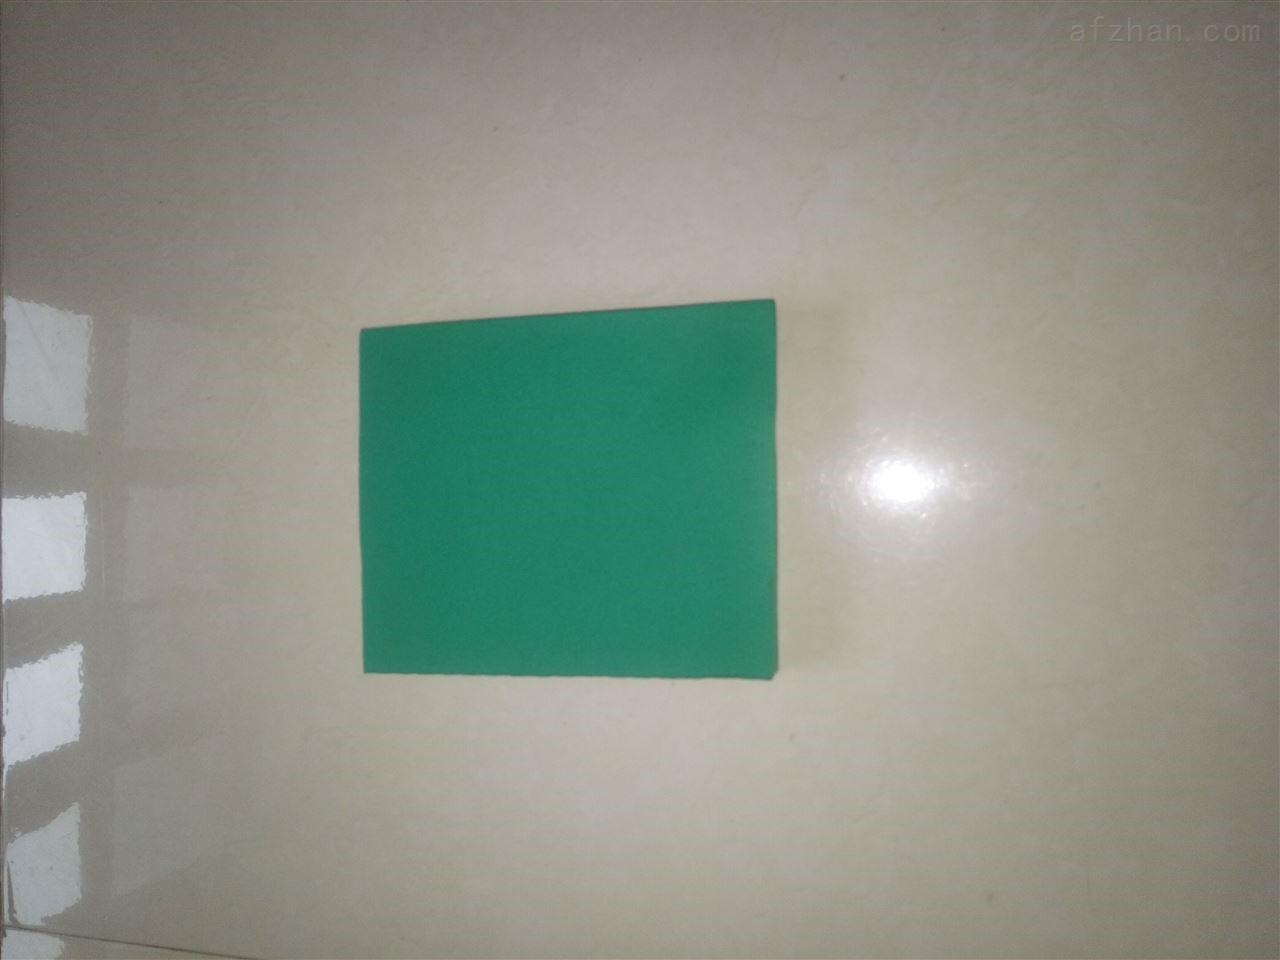 绿色隔音橡塑板厂家报价